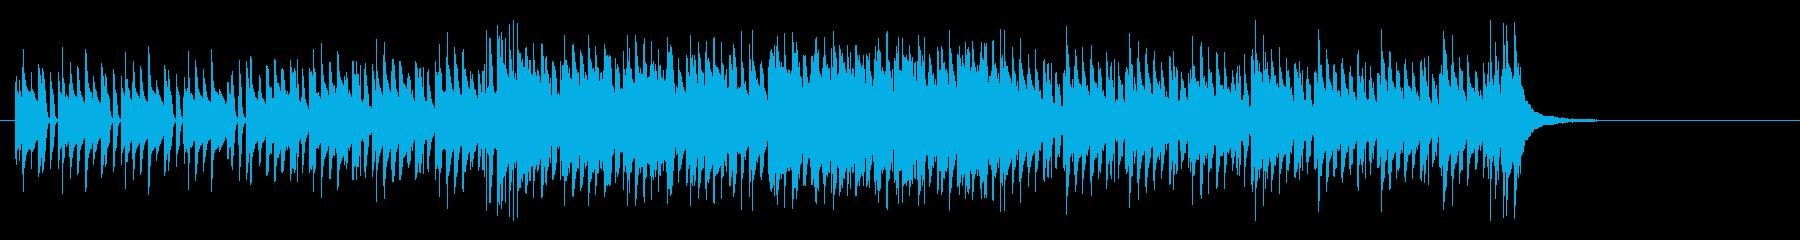 シリアスで無機質なマイナーテクノポップスの再生済みの波形